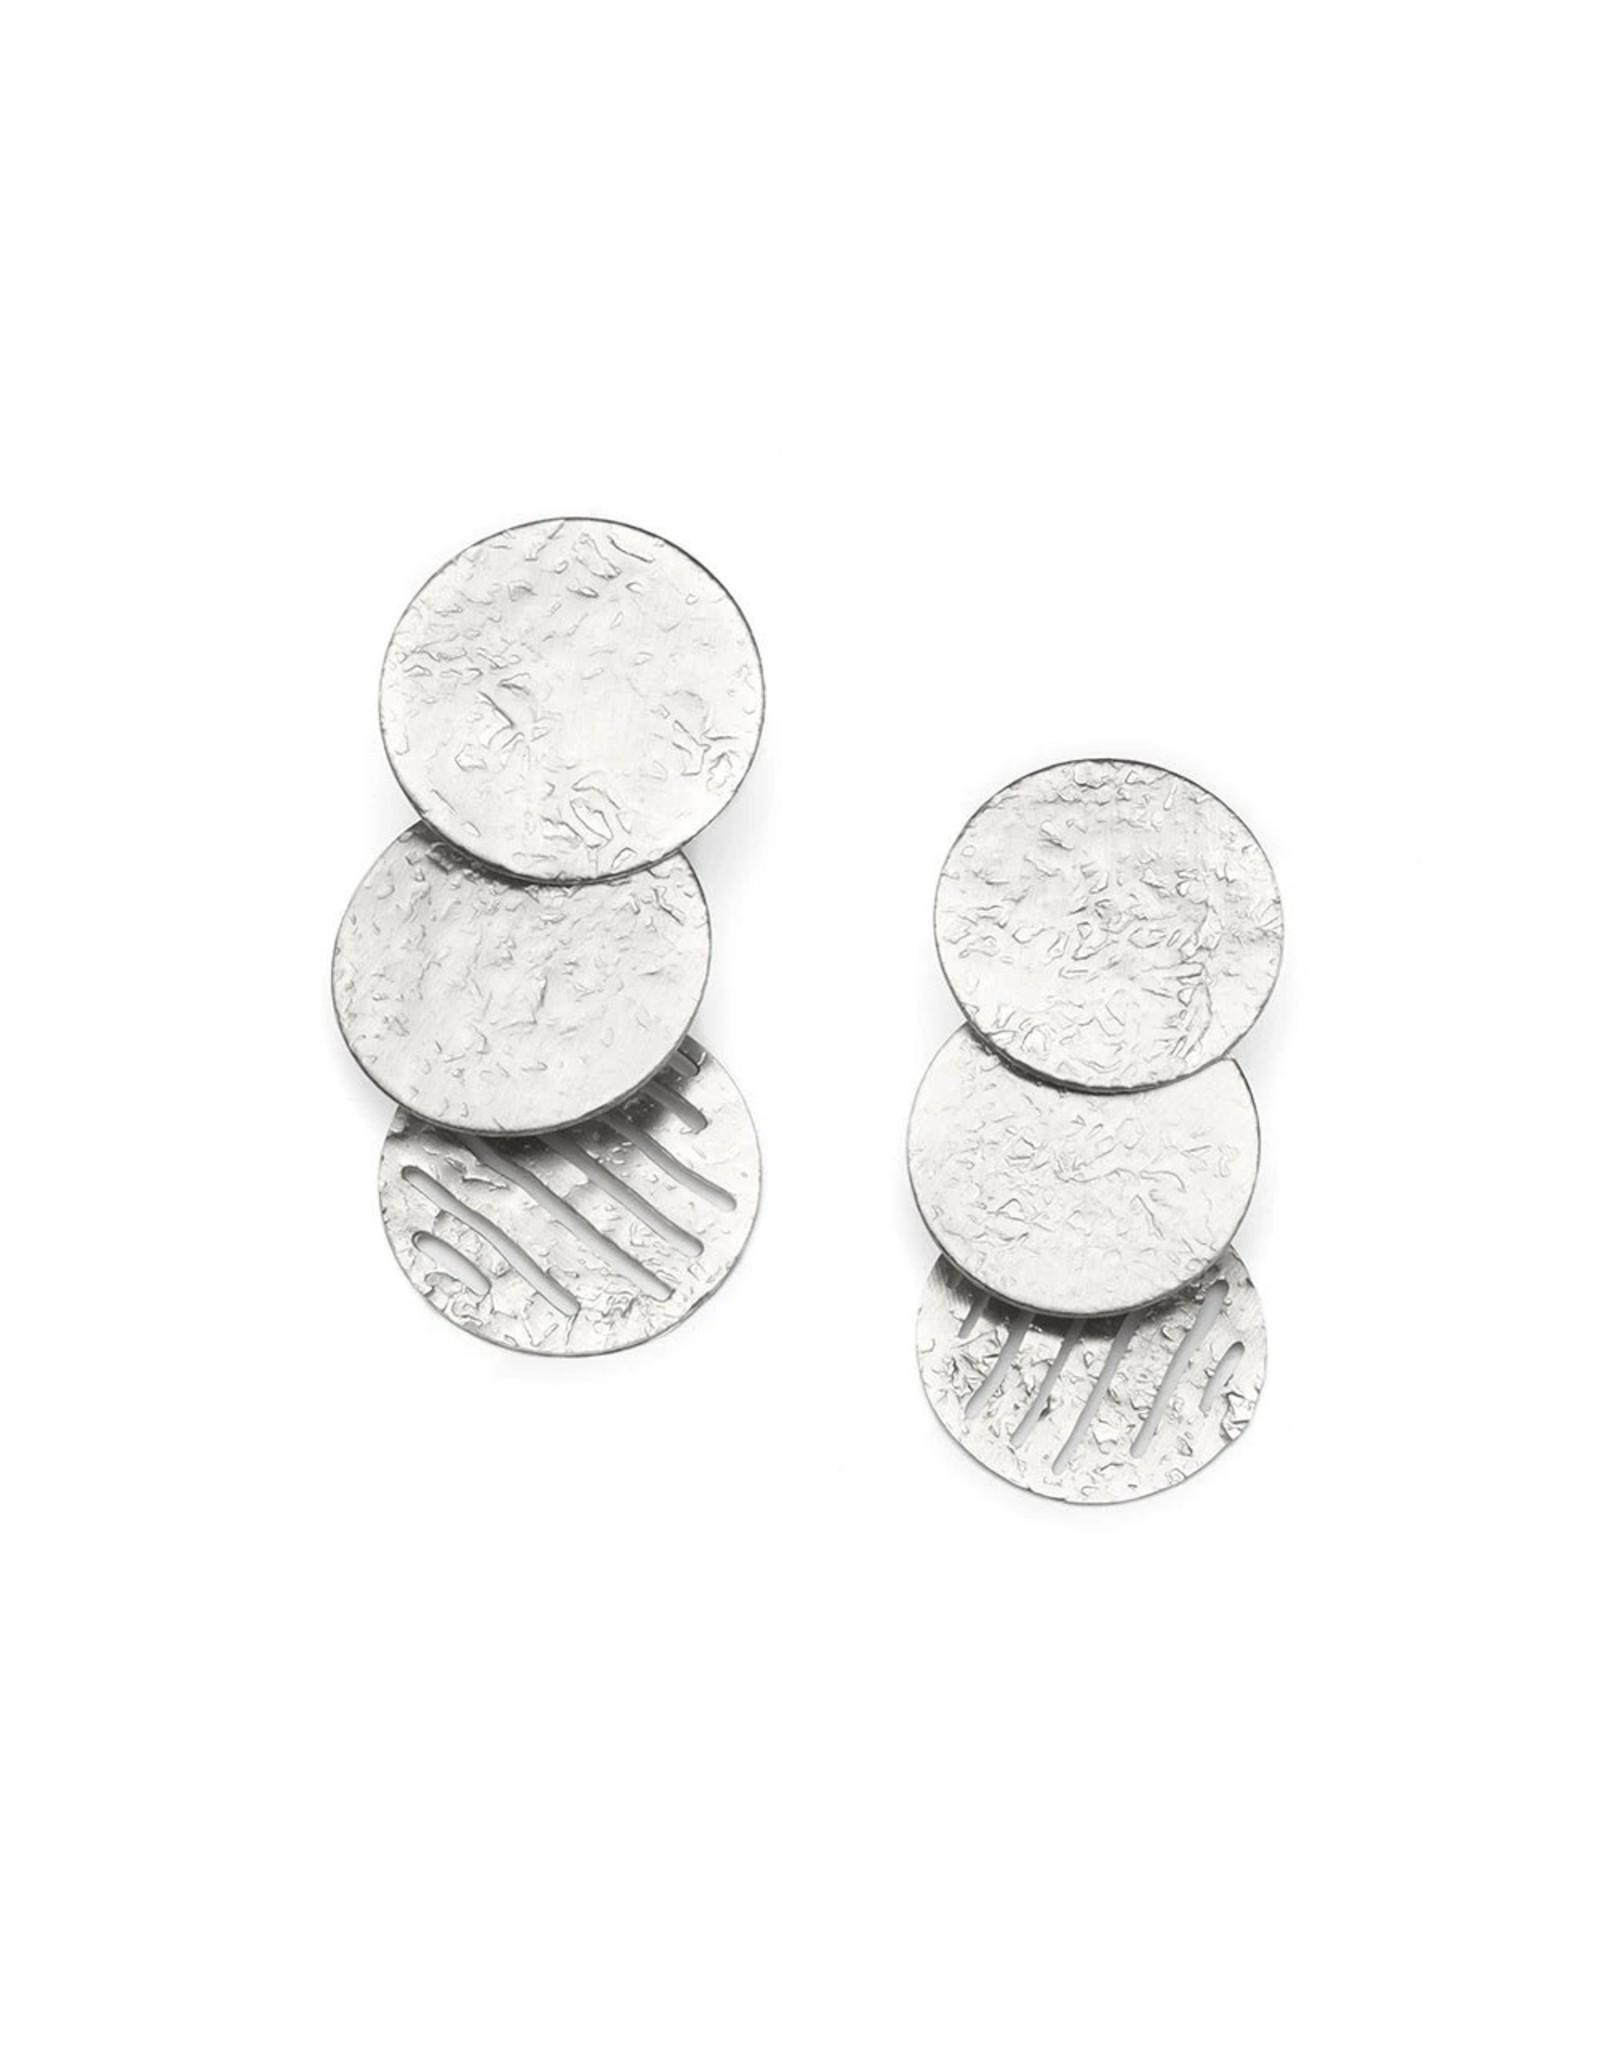 Matr Boomie Nihira Silver Coin Earrings